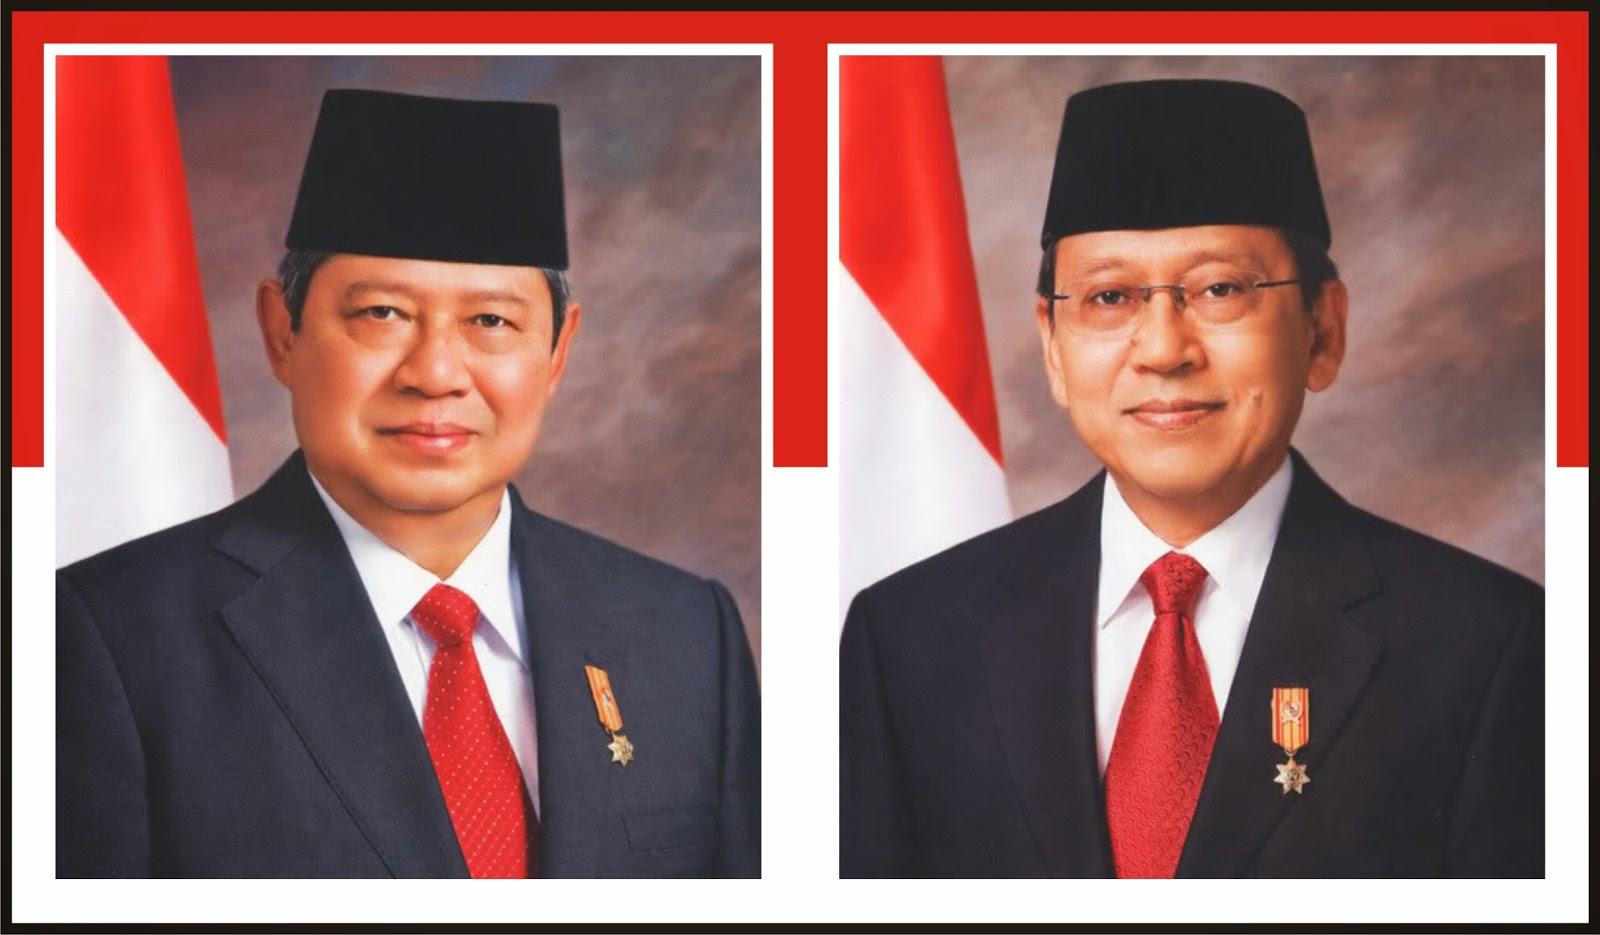 Koleksi Mewarnai Gambar Presiden Jokowi